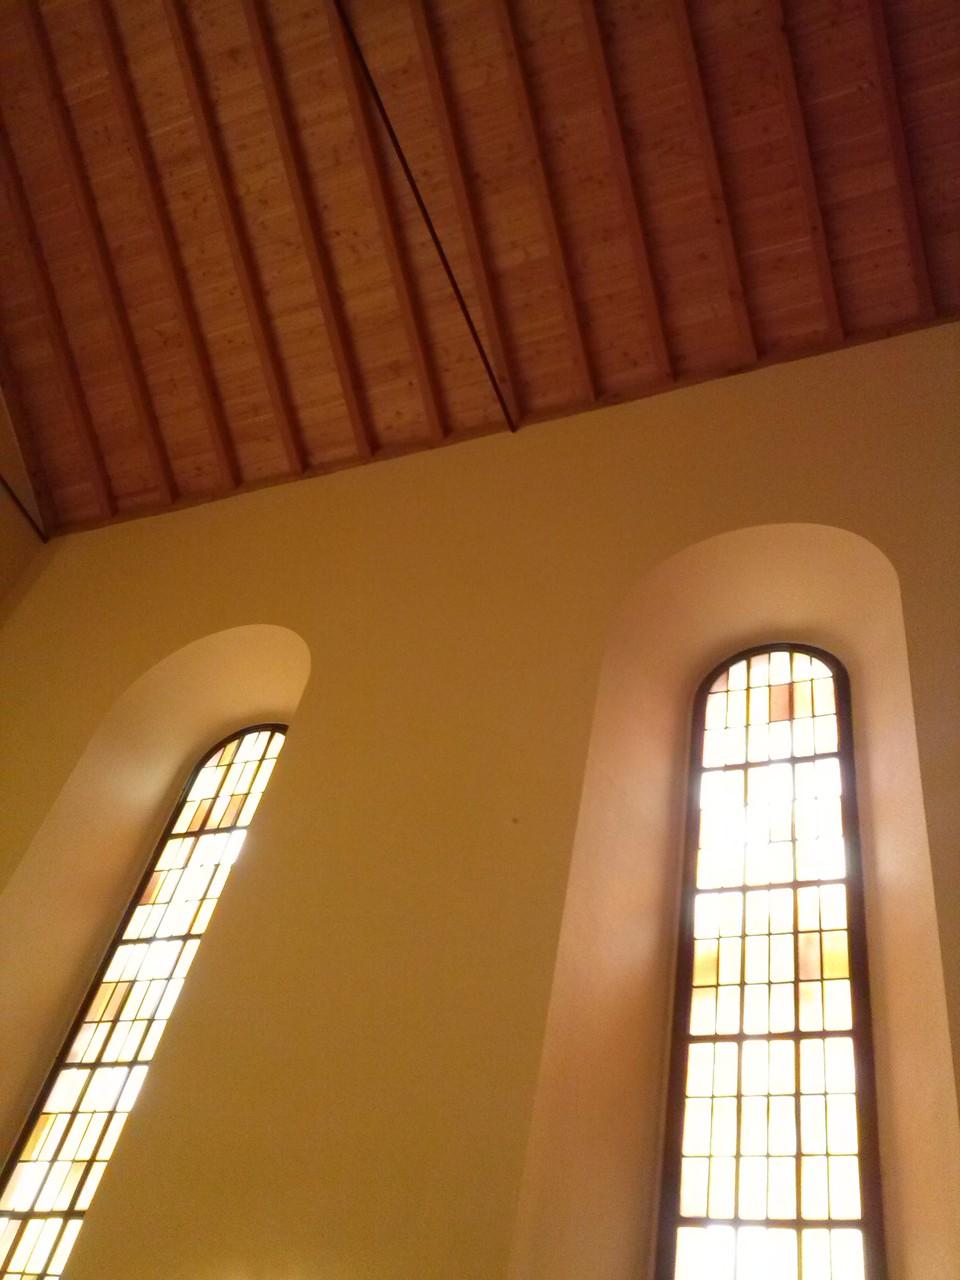 Der hellere Ton des Dachstuhls kombiniert wunderbar mit den Fenstern ...